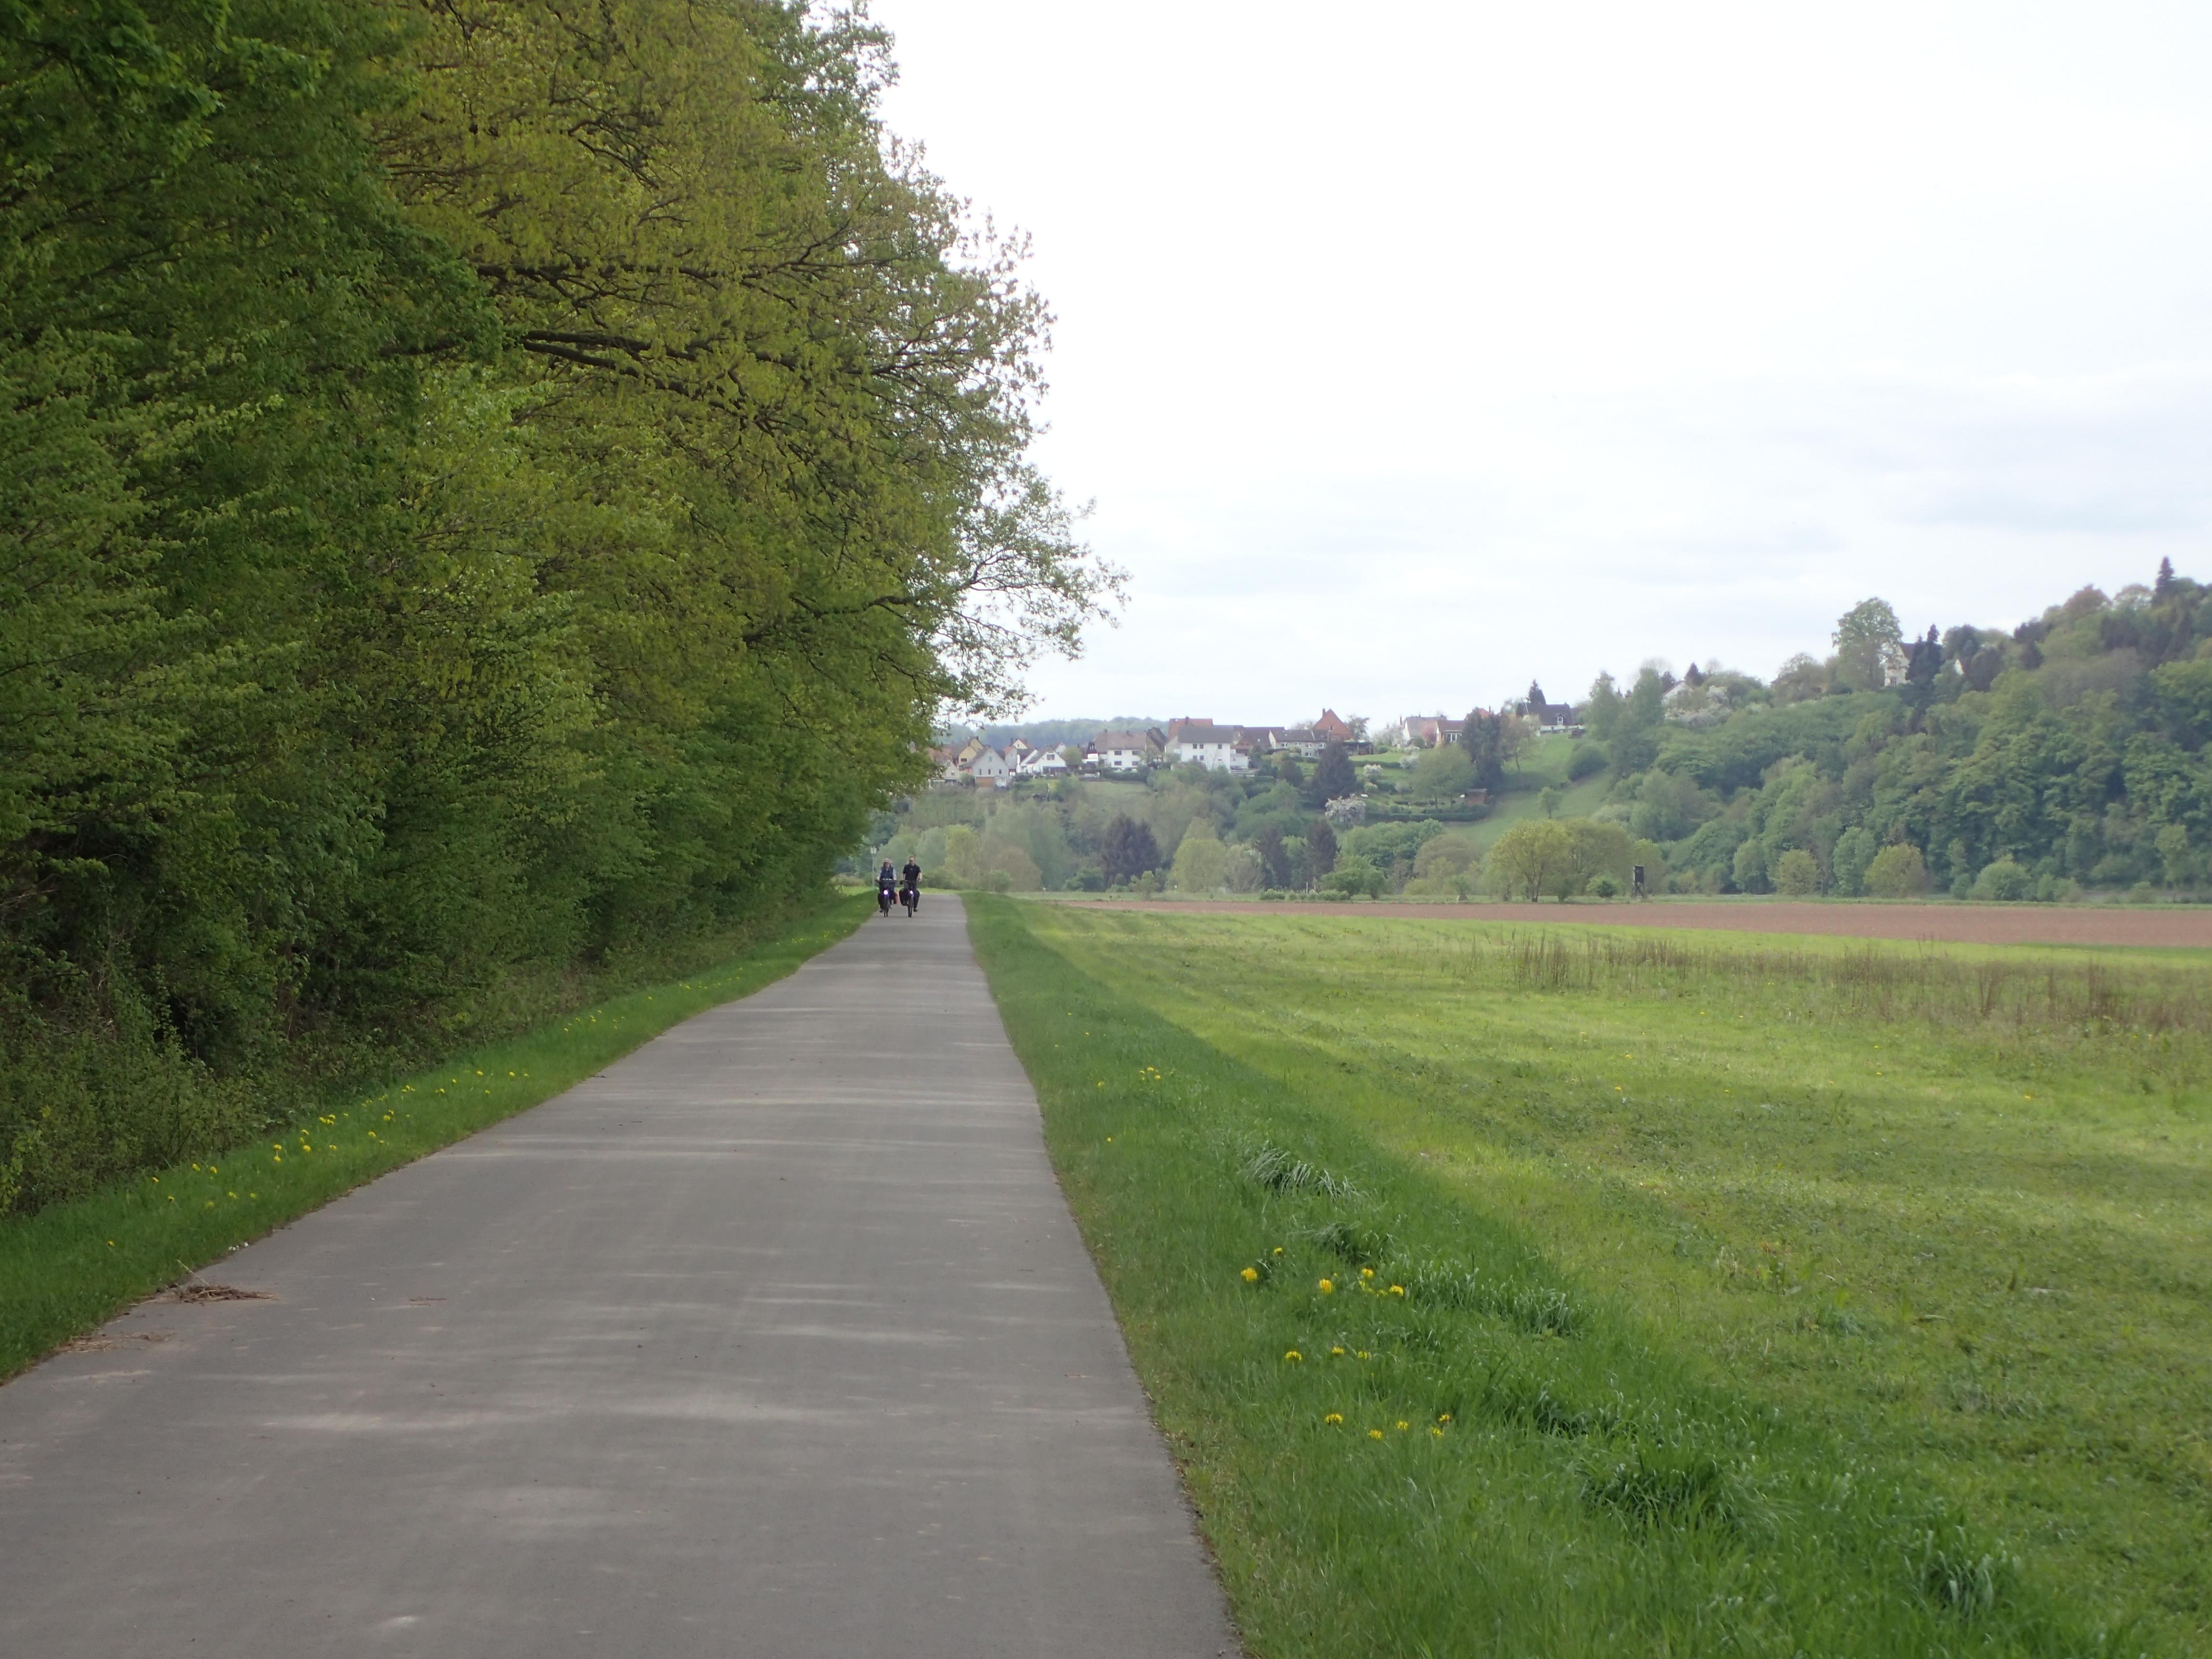 schöne, ruhige, meistens breite Radwege